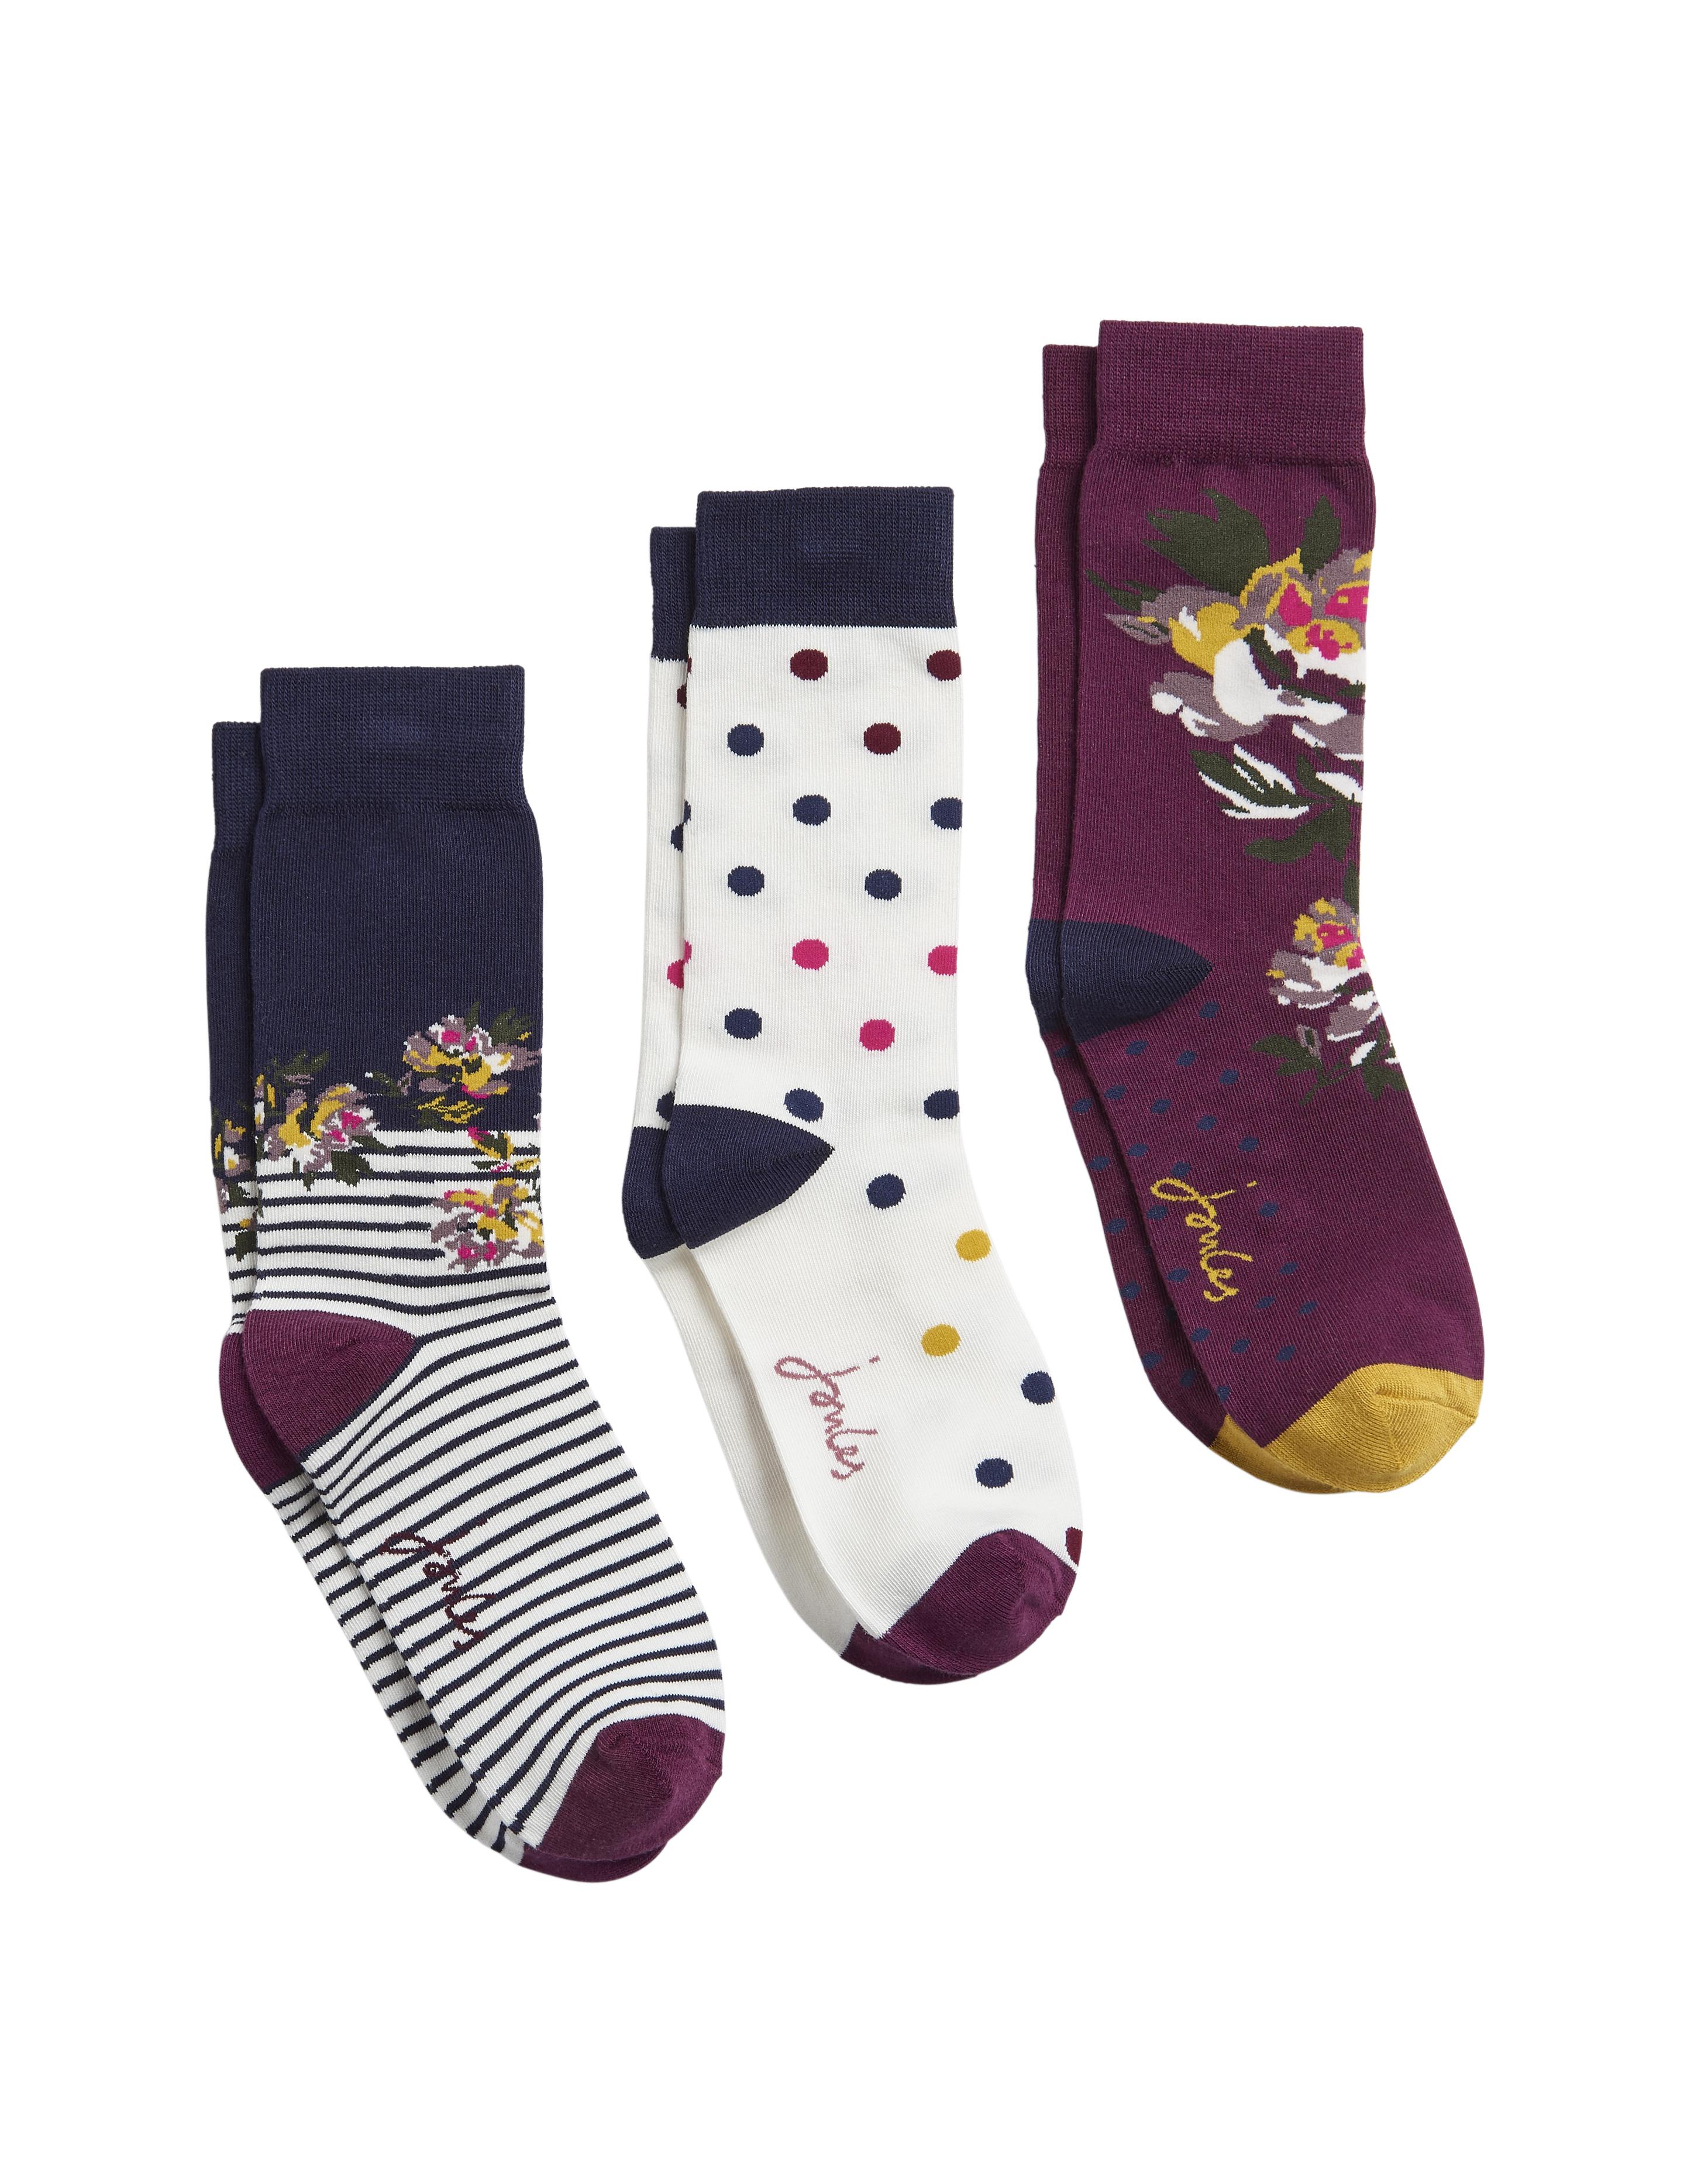 Joules Ladies Brilliant Bamboo 3Pk Bamboo Socks - Purple Multi Floral UK 4-8